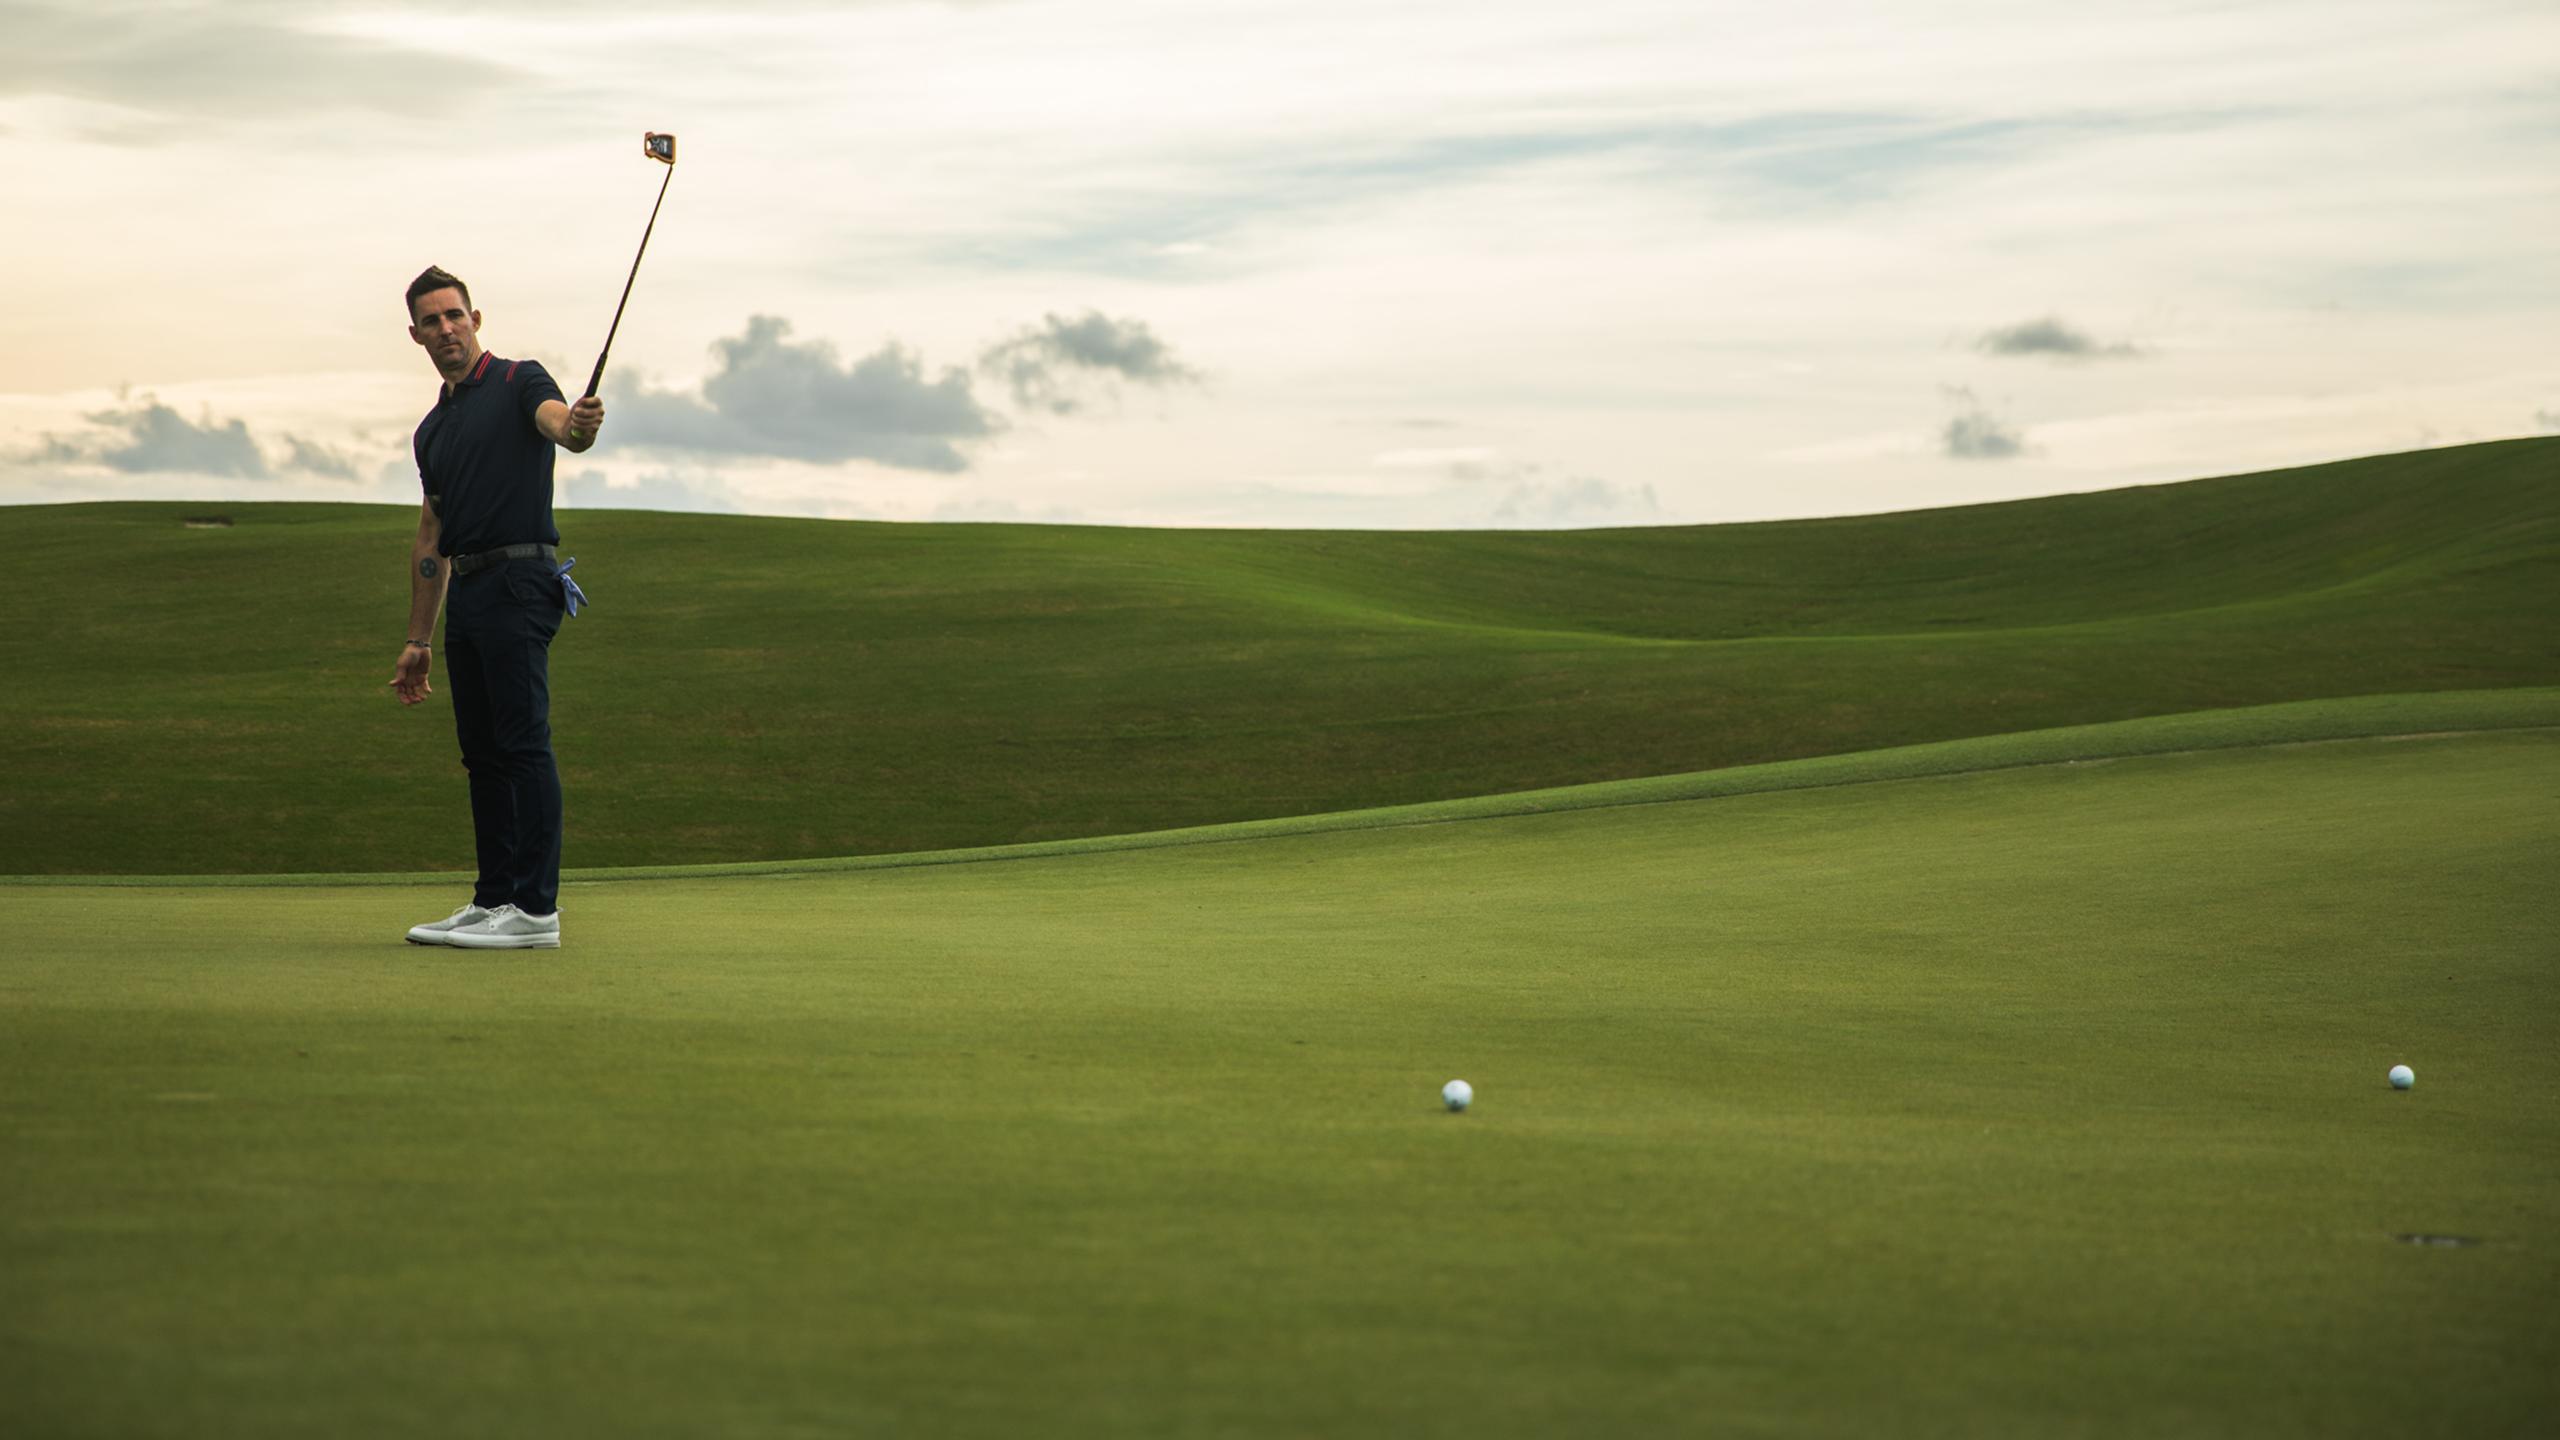 Jake Owen Foundation Raises $300,000 at Flamingo Golf Classic